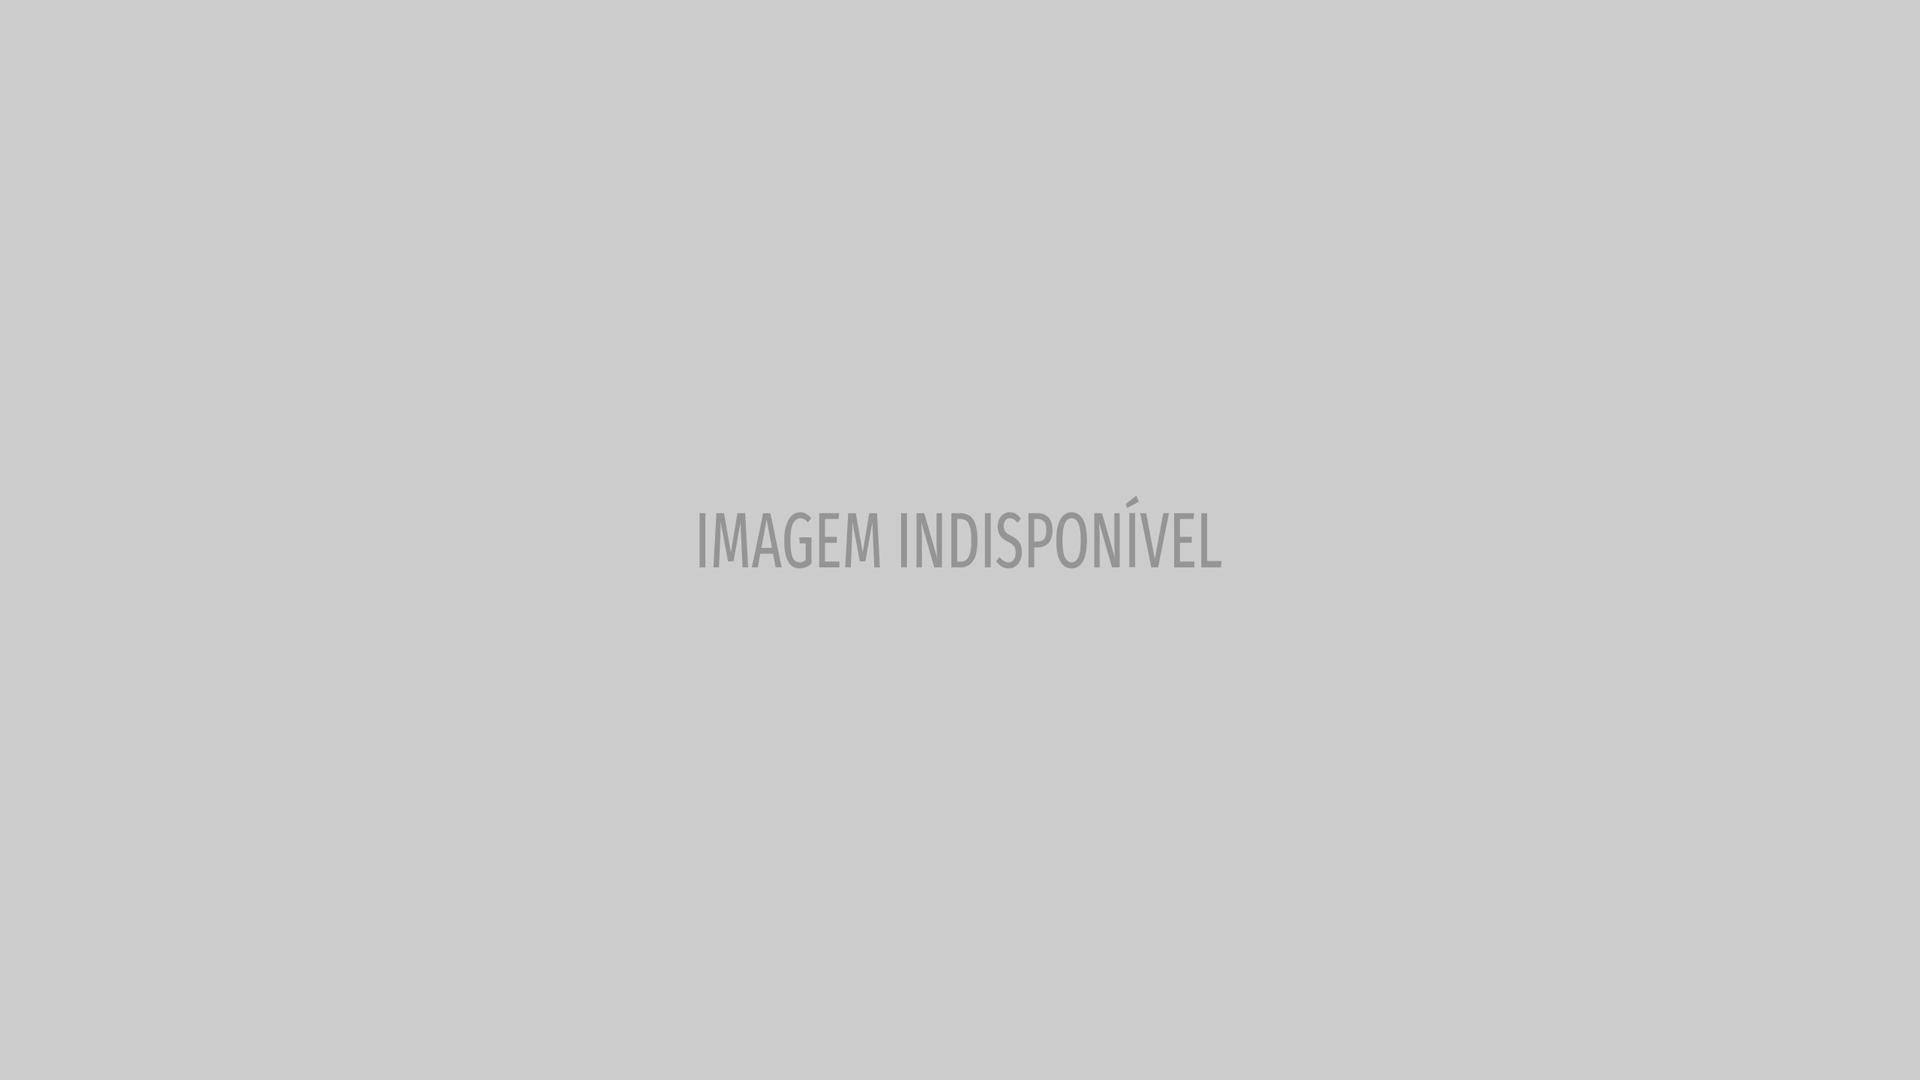 Ana Maria grava vinheta de fim de ano da Globo logo após extrair tumor